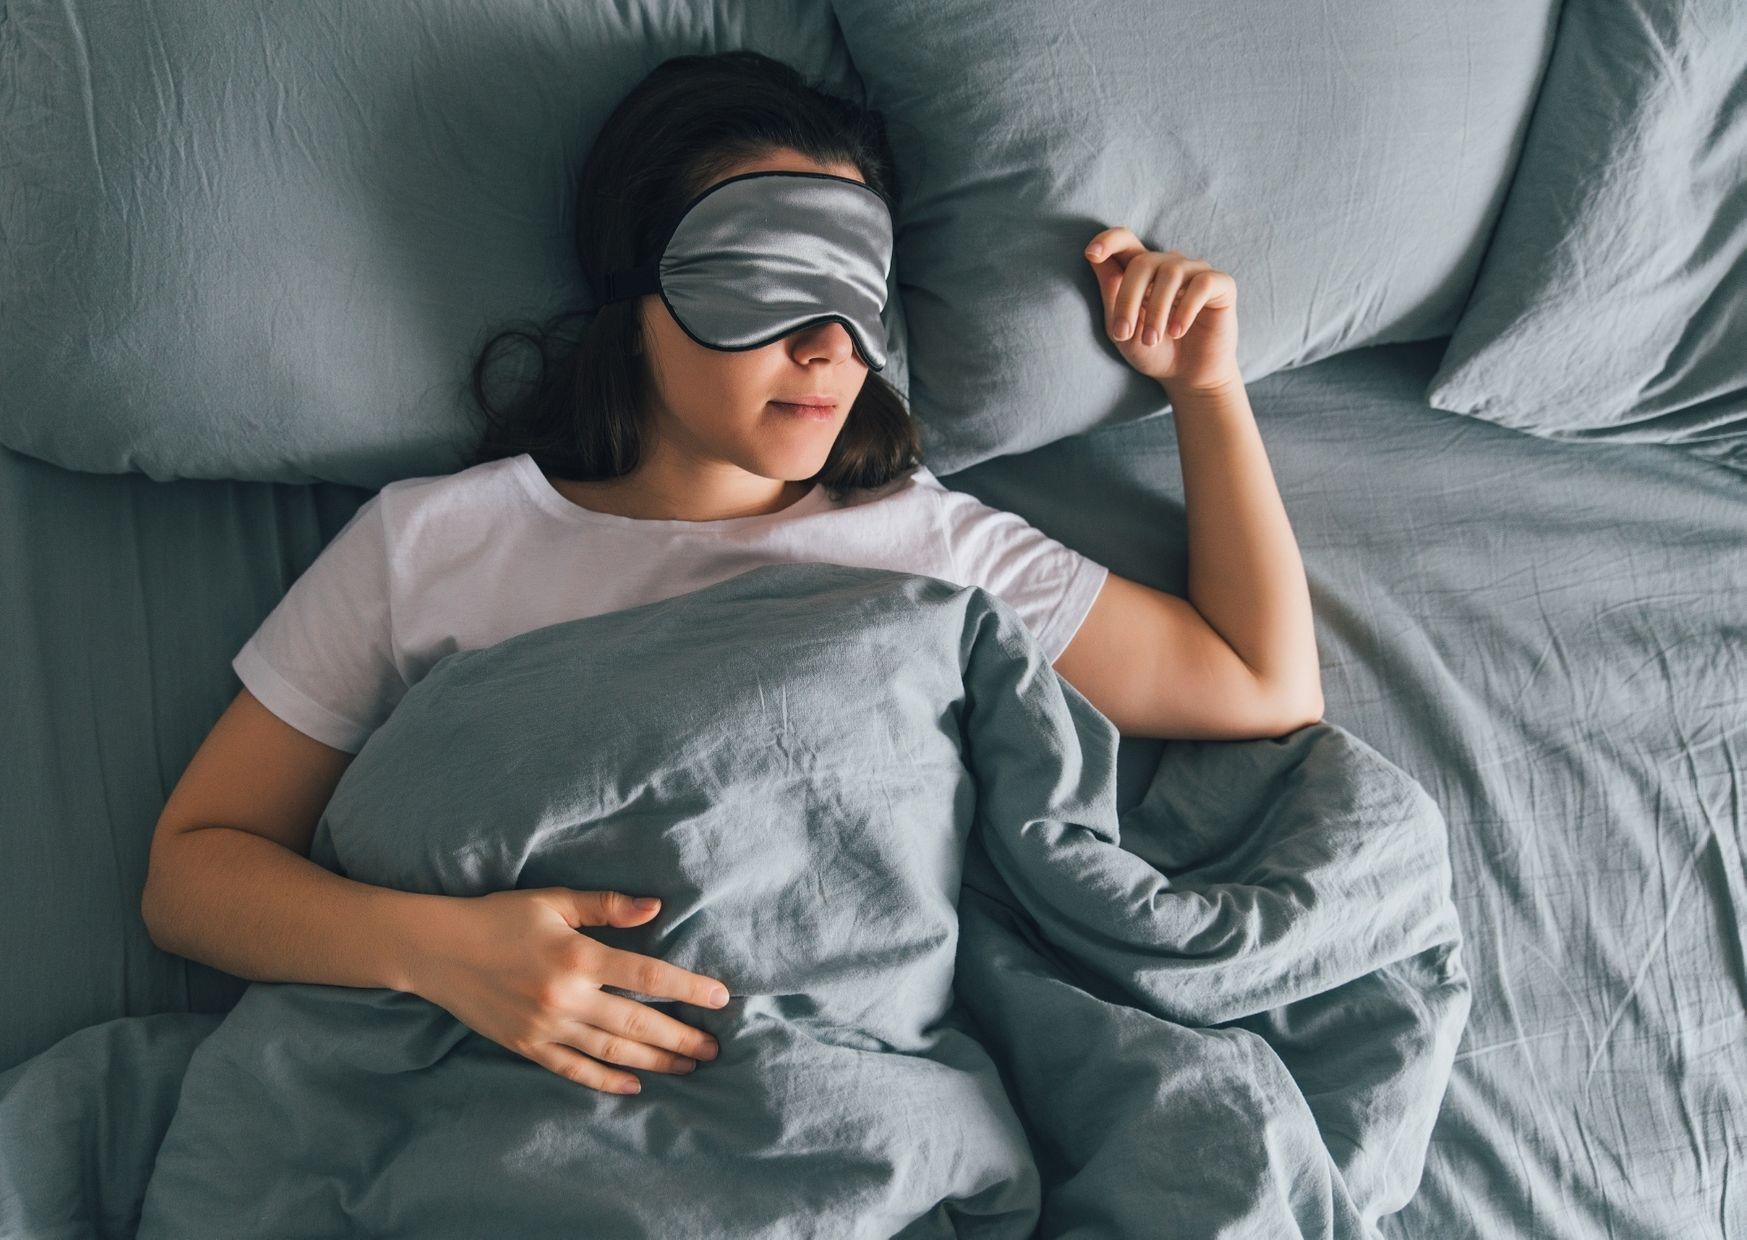 únava jako raný příznak těhotenství